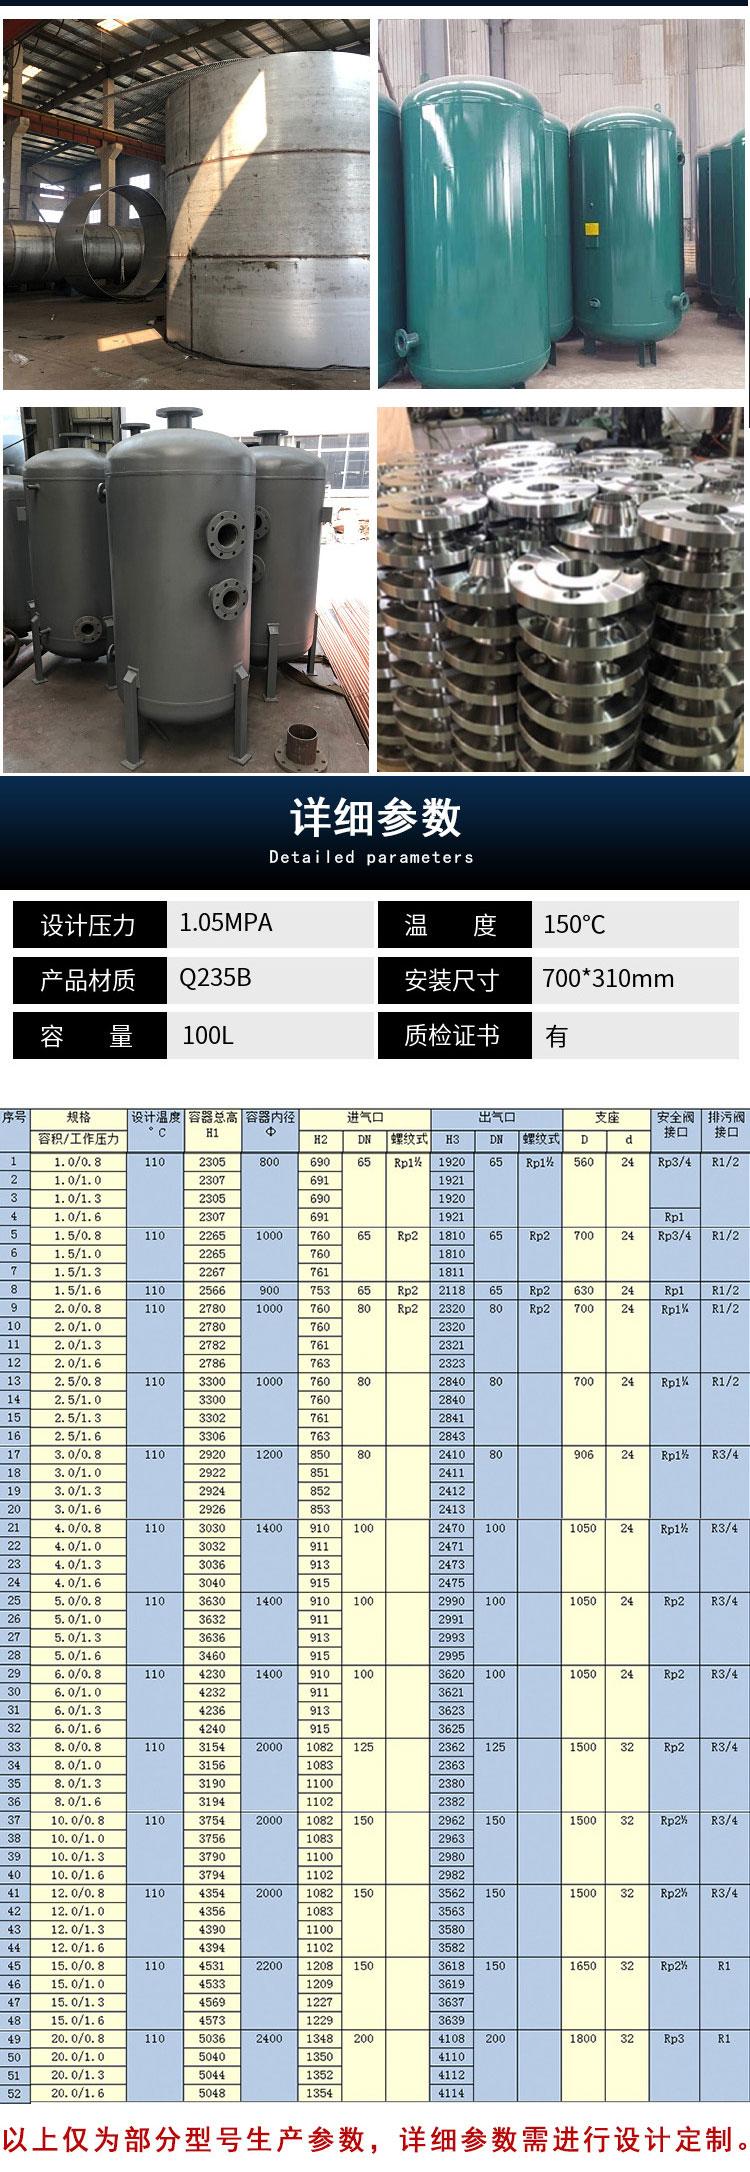 壓力容器產品細節.jpg